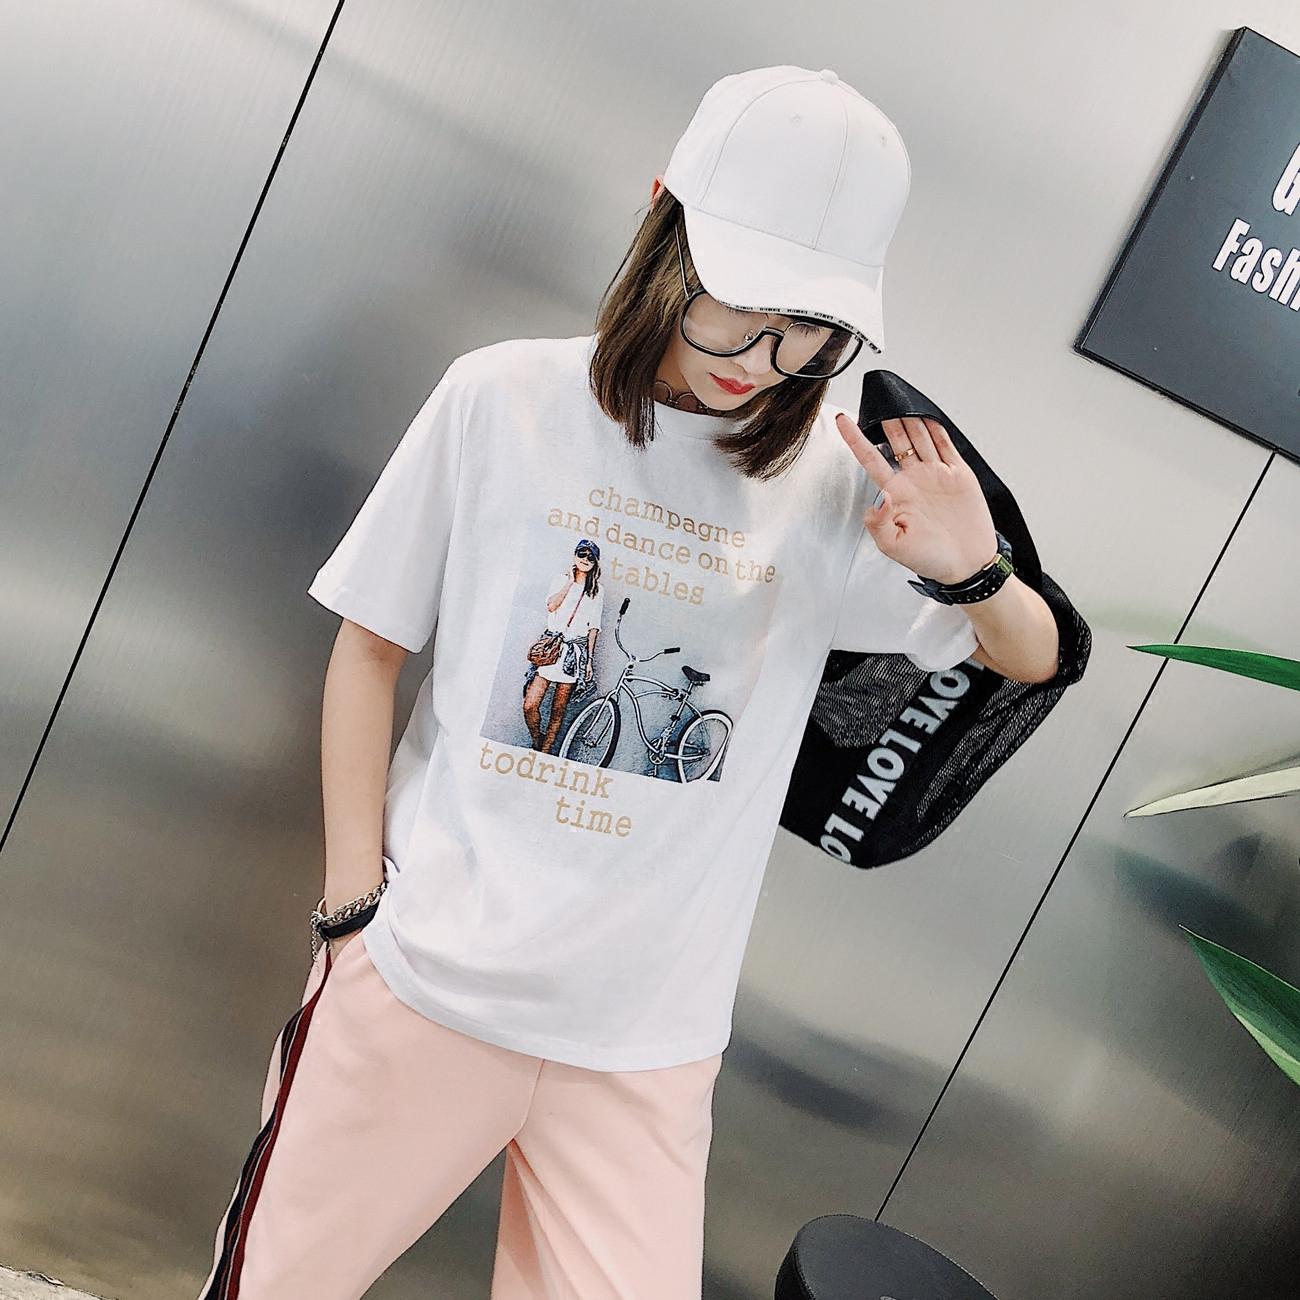 夏季BF学院风T恤 潮流印花短袖